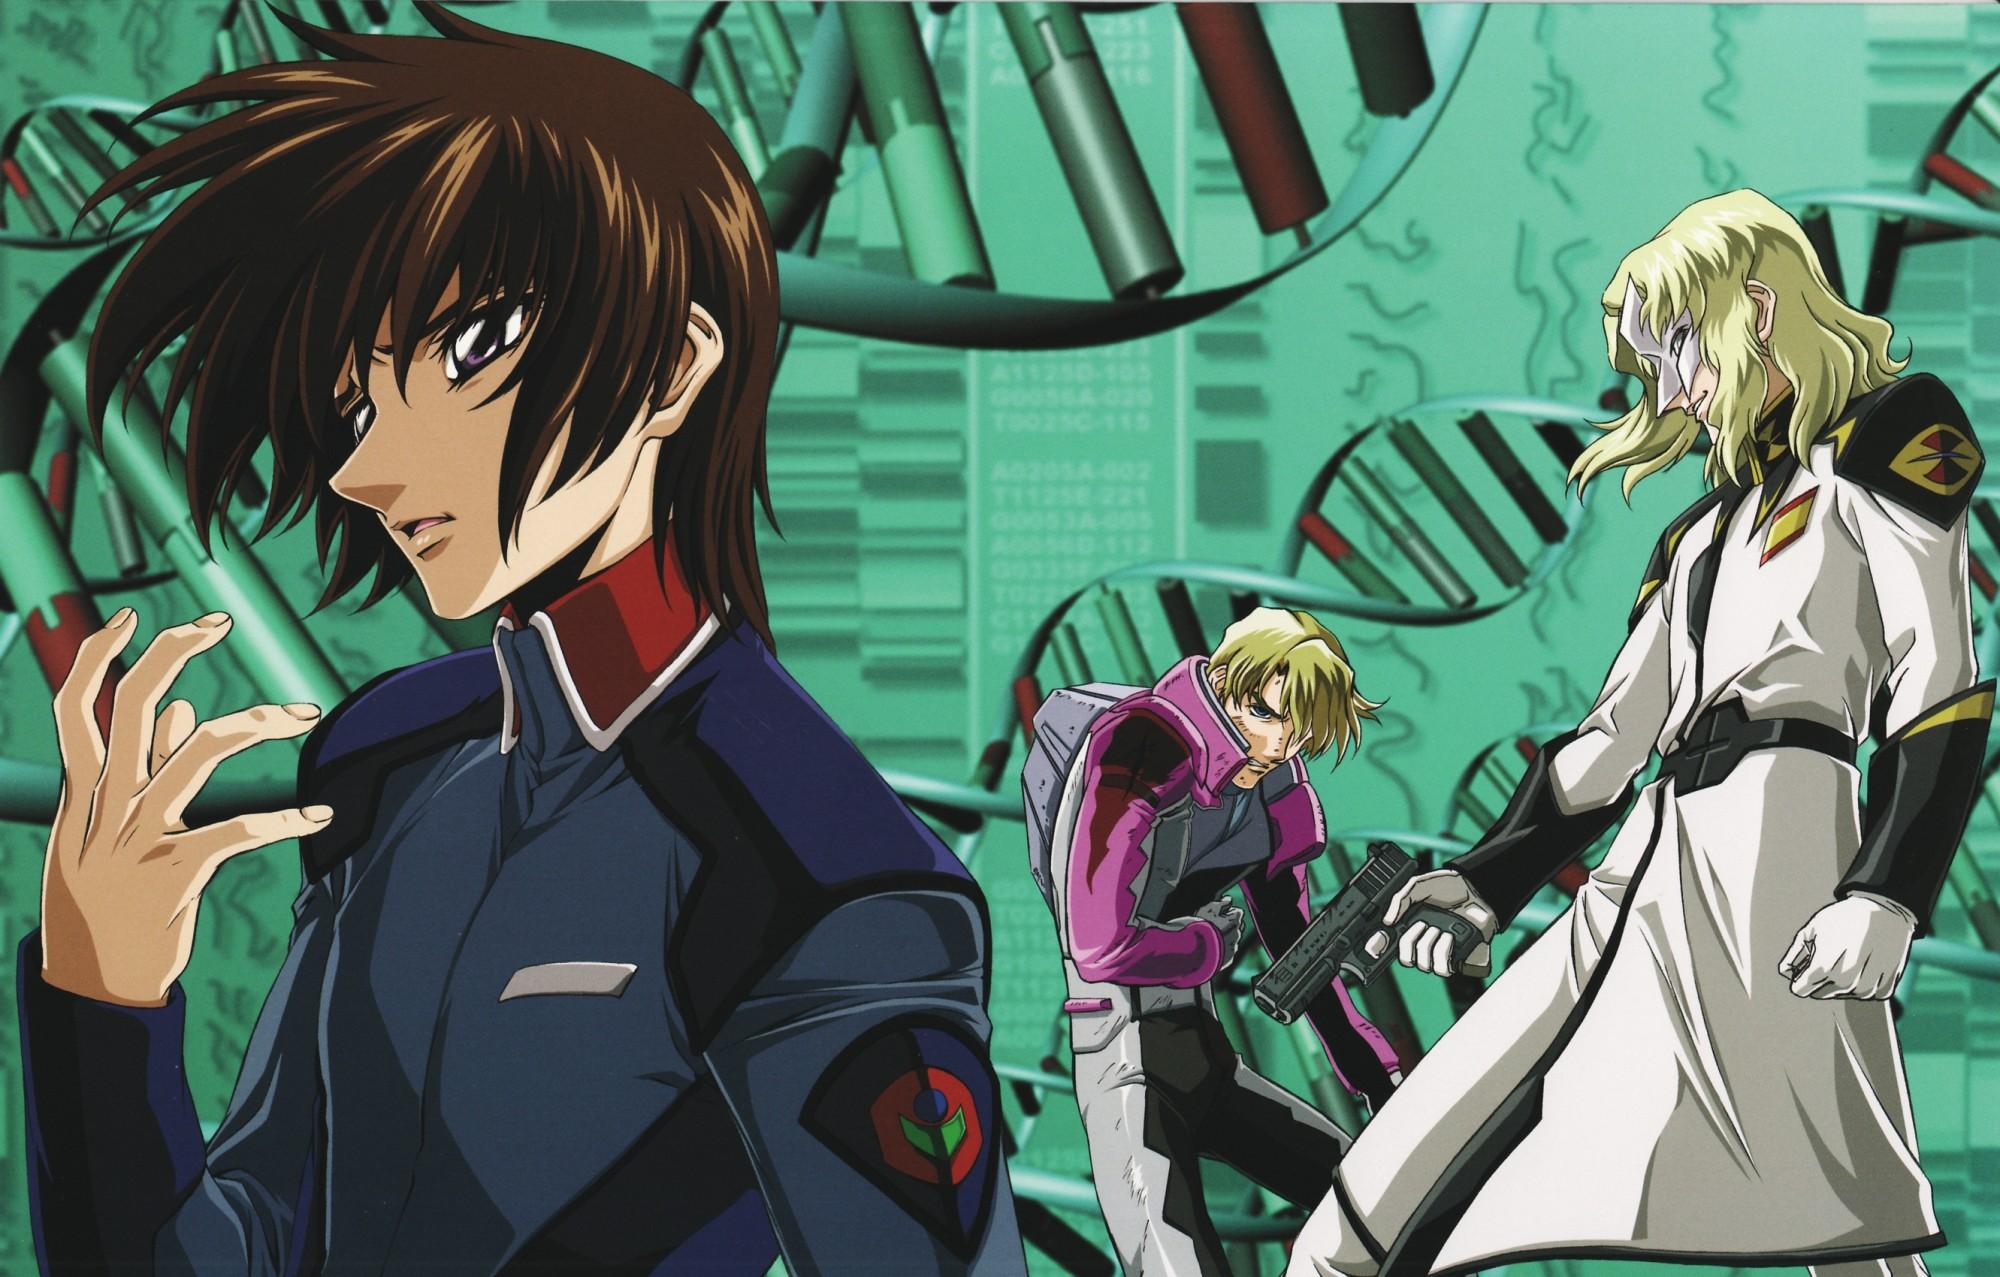 Mobile Suit Gundam SEED Image #4773 - Zerochan Anime Image Board